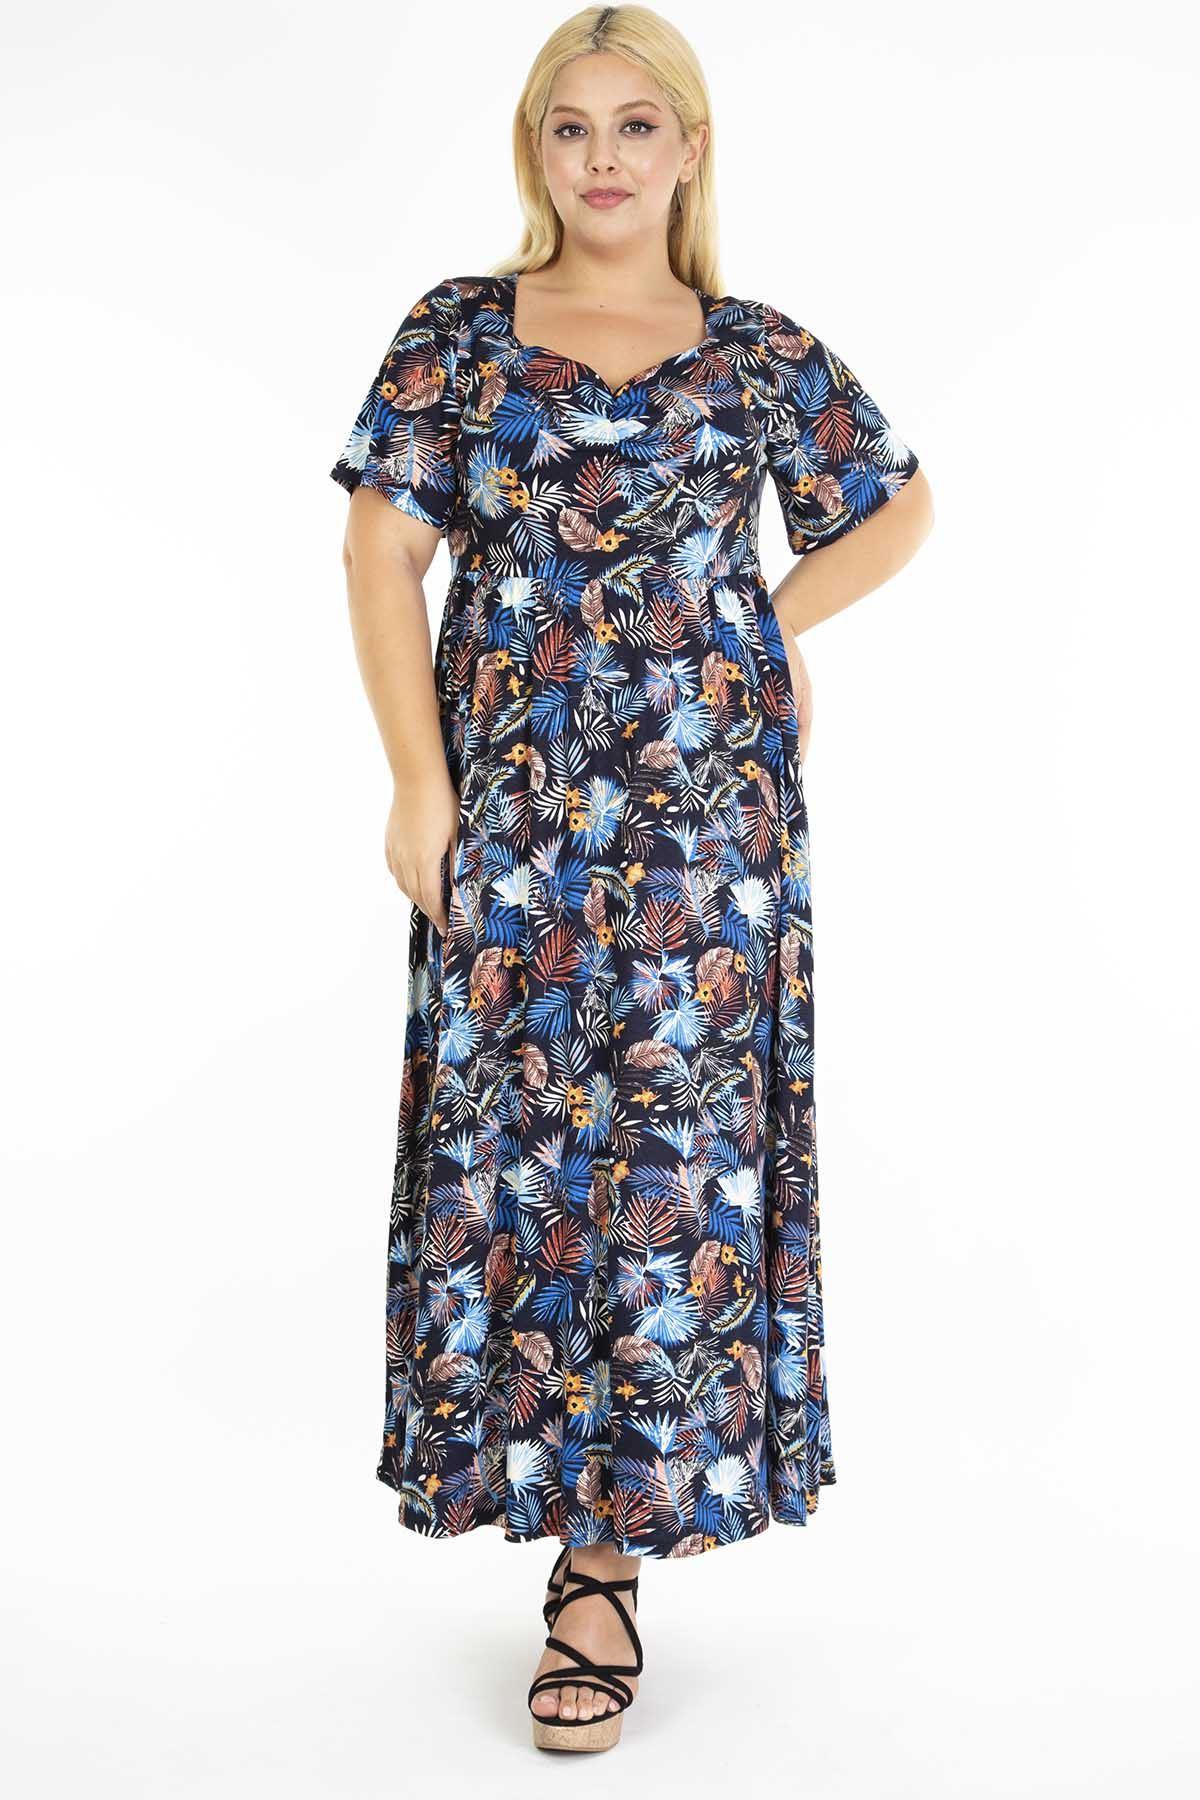 Mavi Çiçekli Desenli Büyük Beden Uzun Elbise 21A-1221